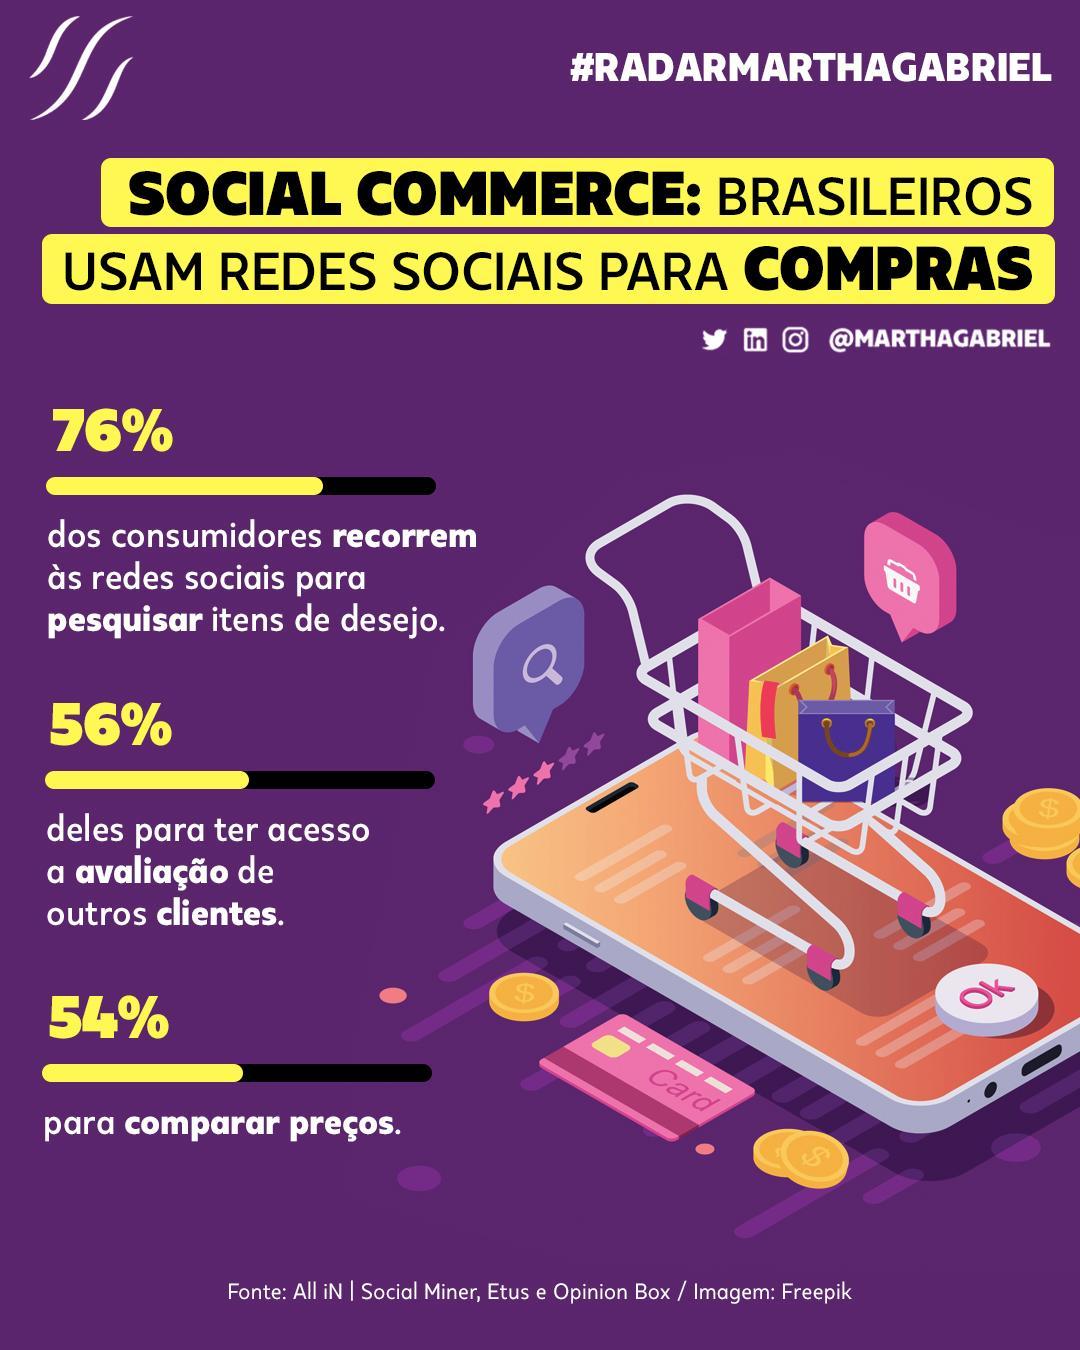 Social Commerce: brasileiros usam redes sociais para compras